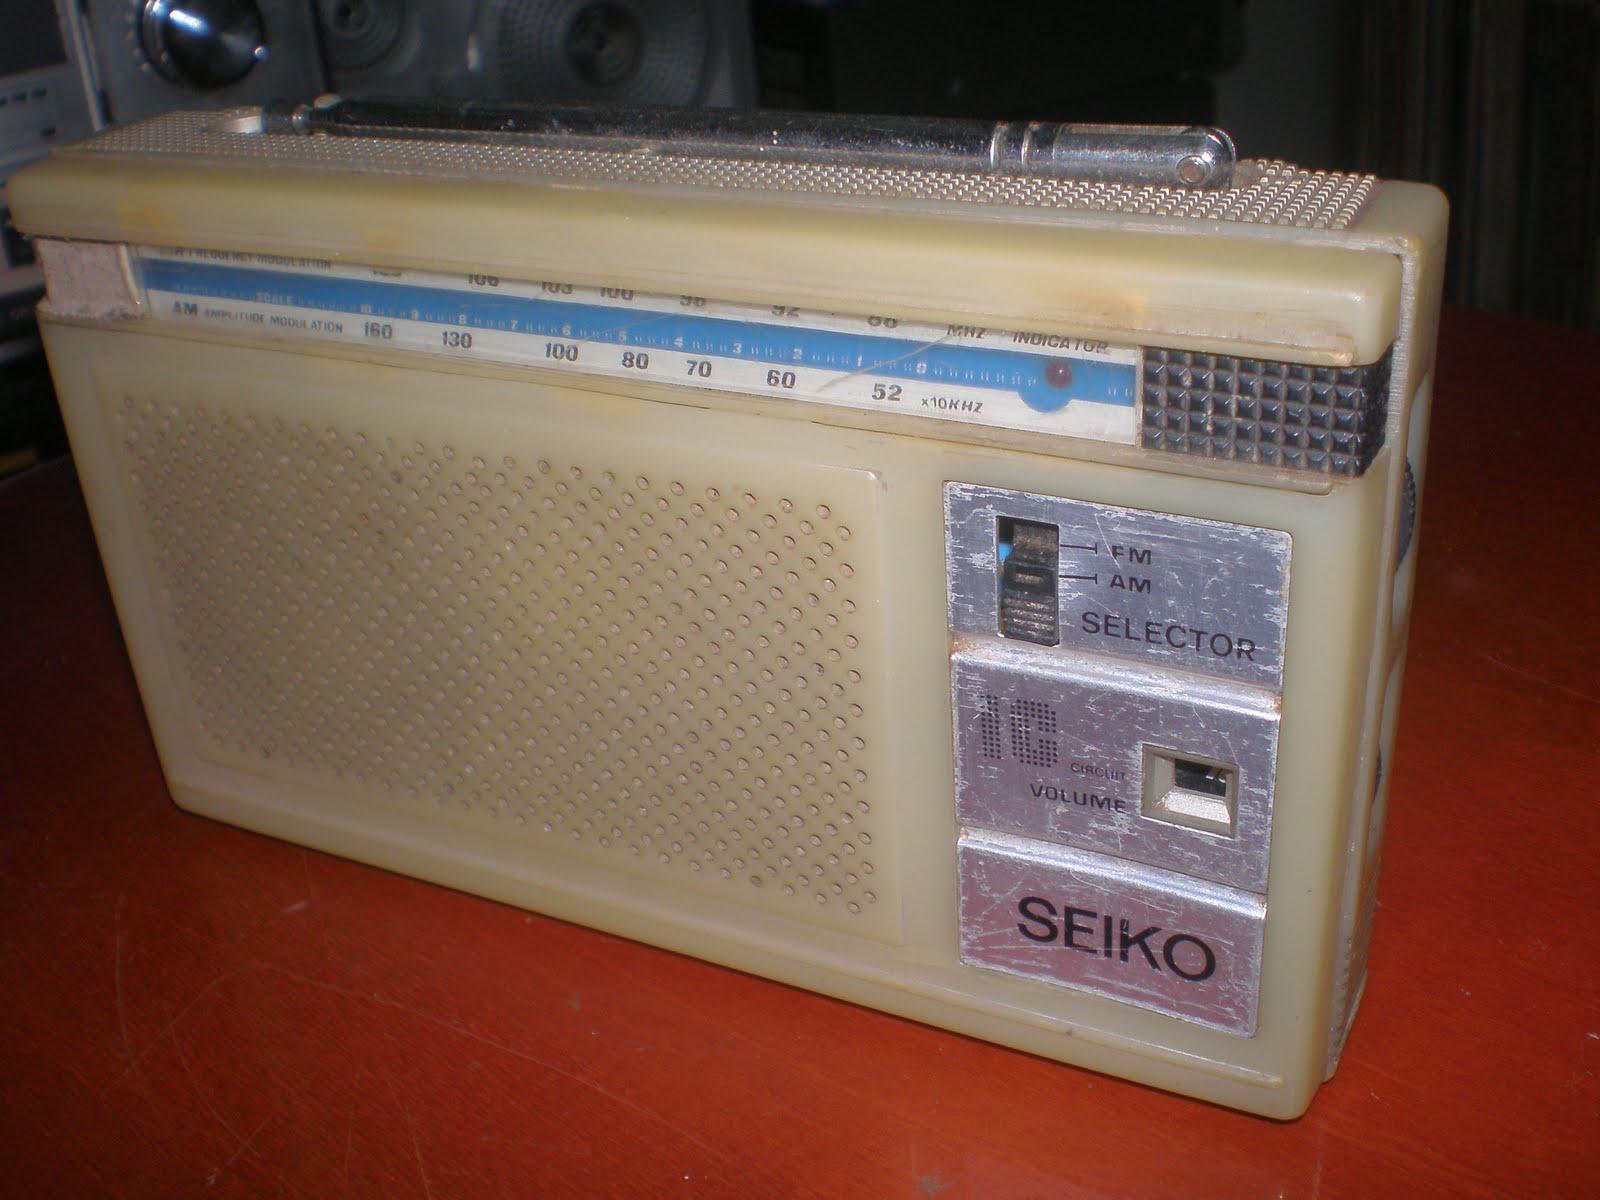 Cosas raras de Seiko a la venta Imagem+051